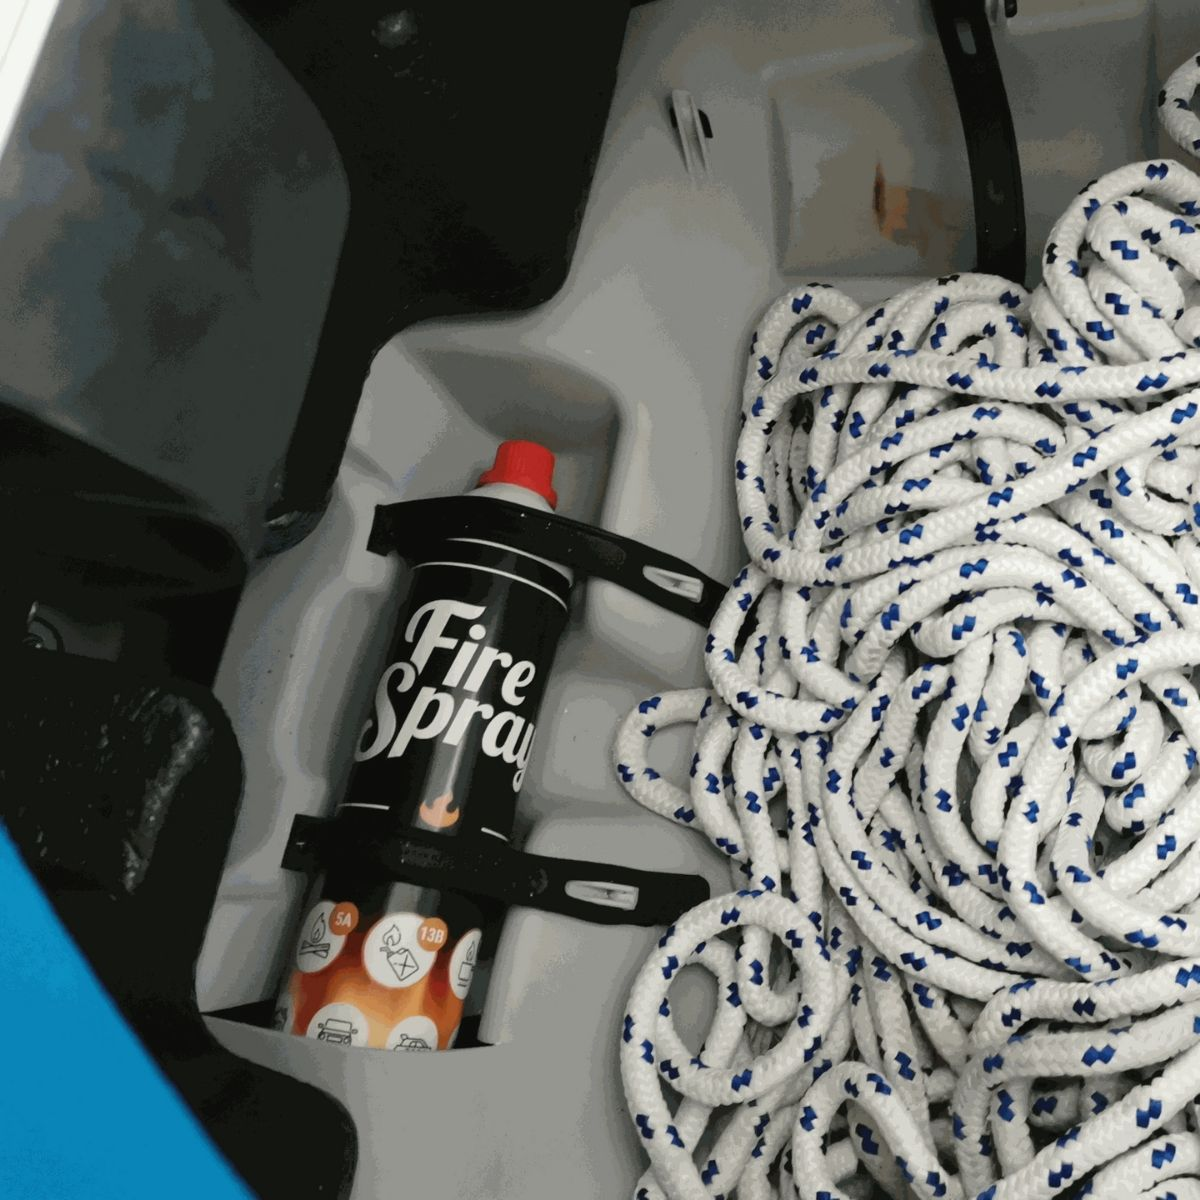 Löschspray - Entdecken Sie hier die Besonderheiten des Löschsprays von Bonpet und sichern Sie sich Ihr eigenes Löschspray für Boote.